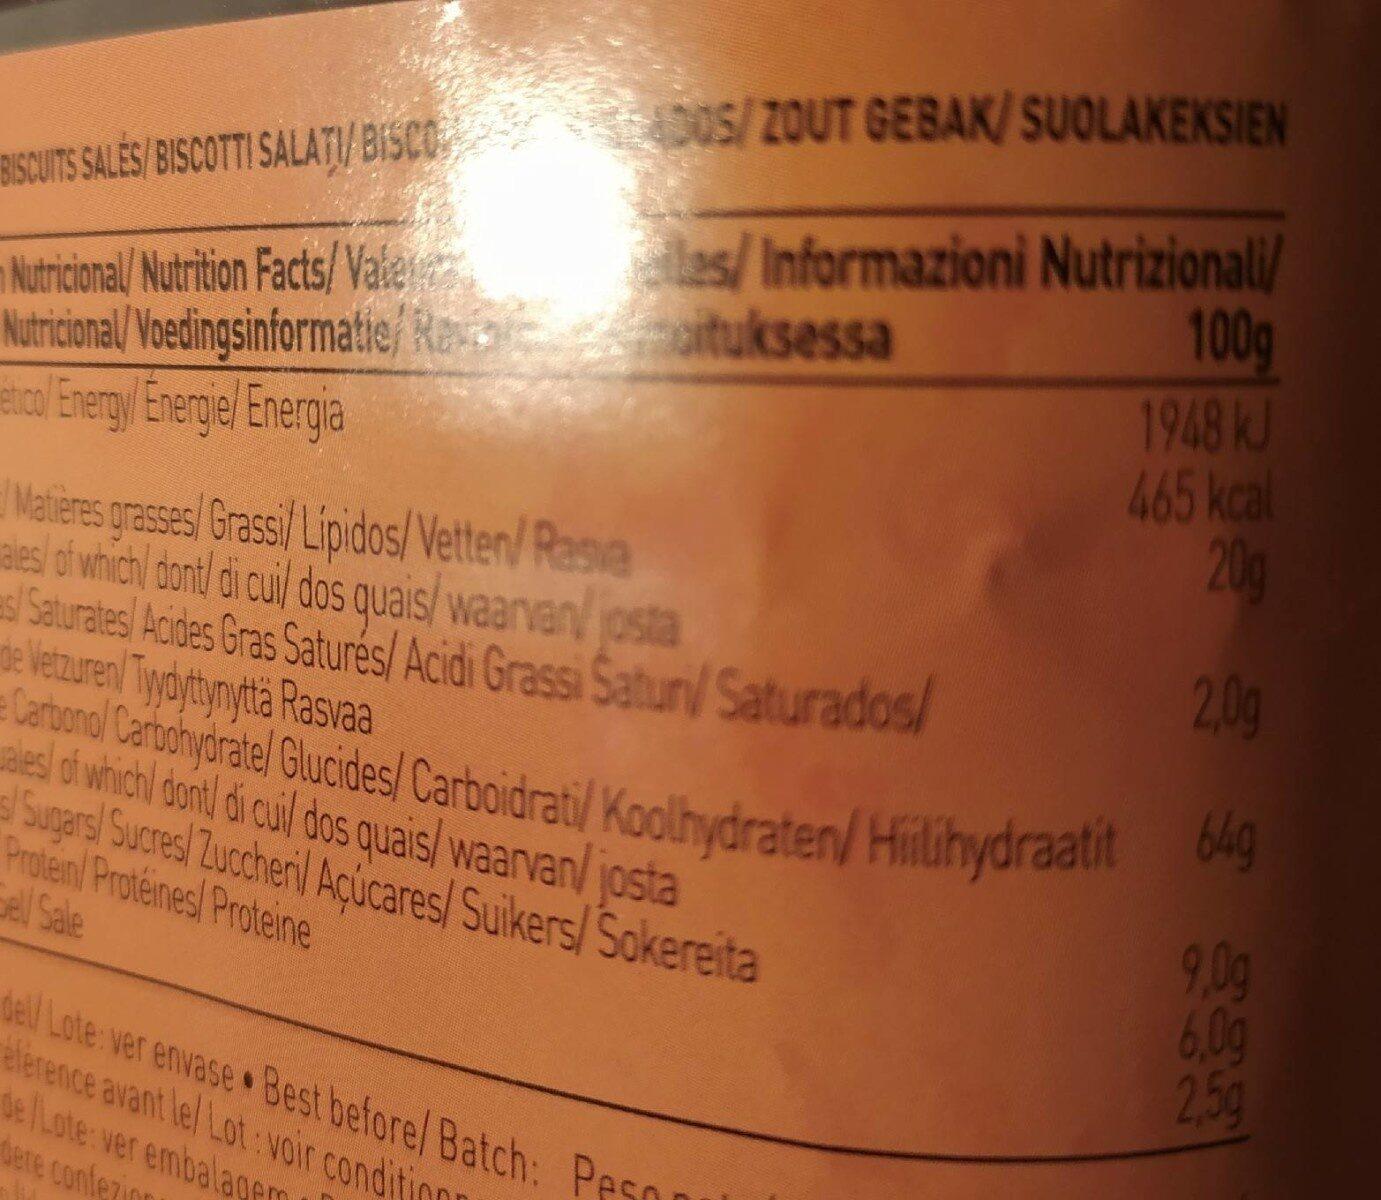 Pick Mini Crackers - Informació nutricional - fr